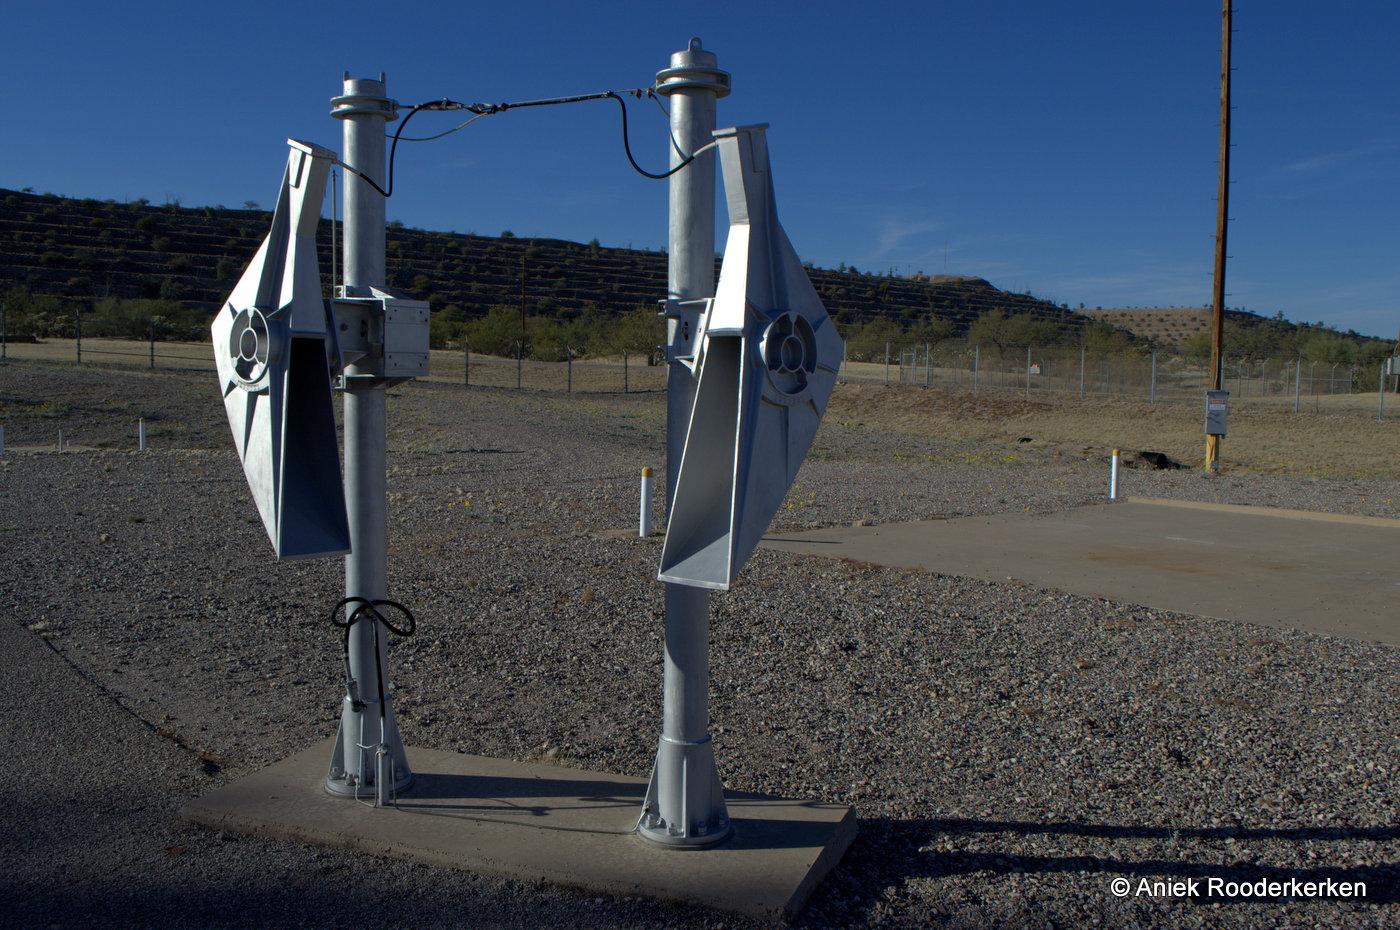 Radarbeveiliging, Titan II Missile Museum